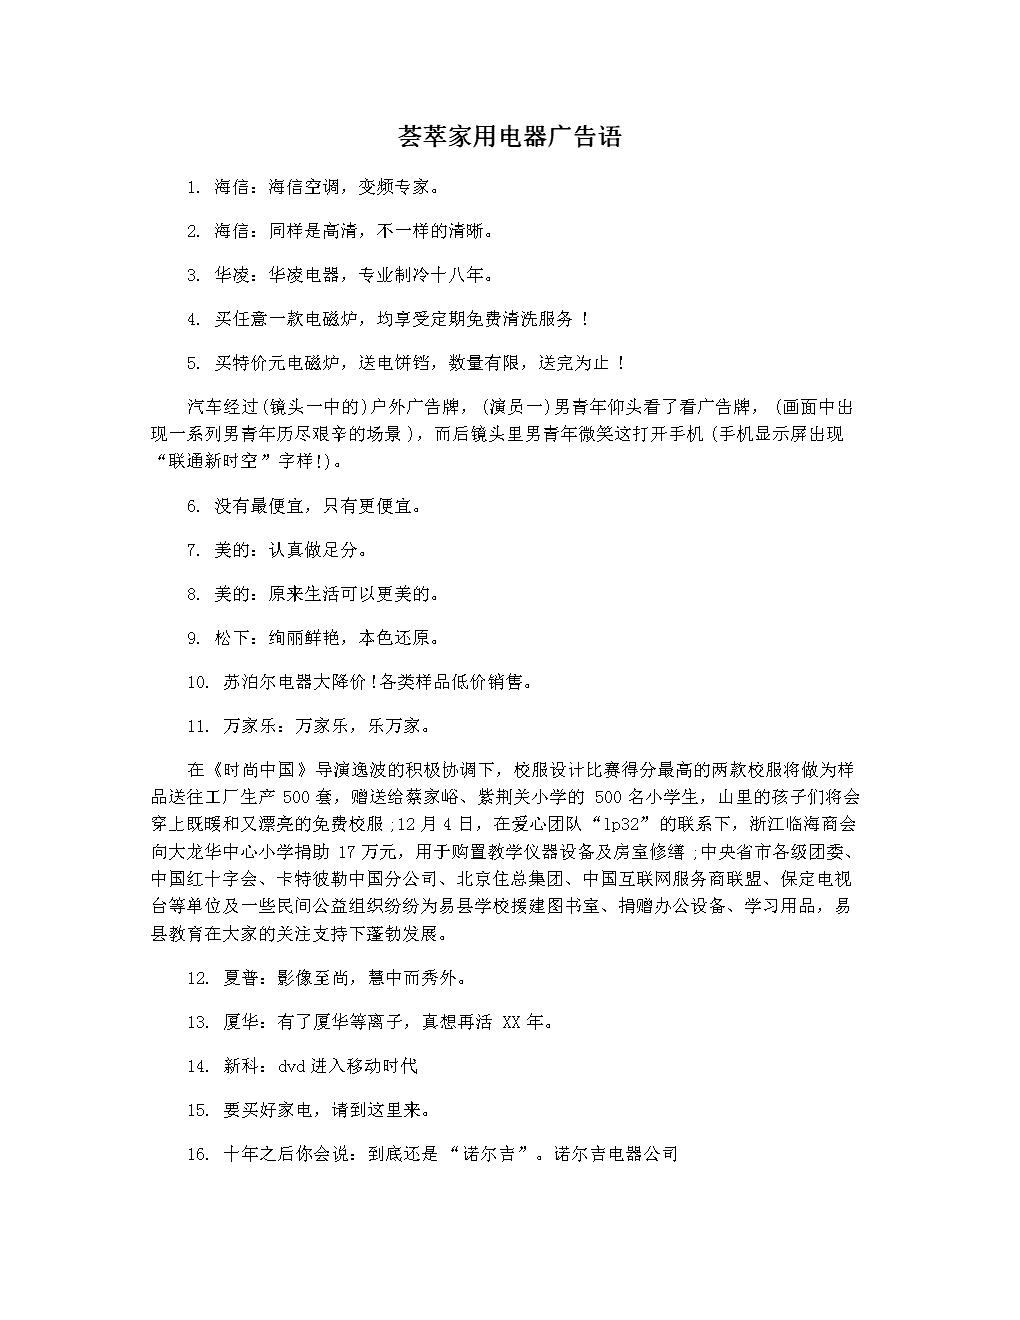 荟萃家用电器广告语.docx